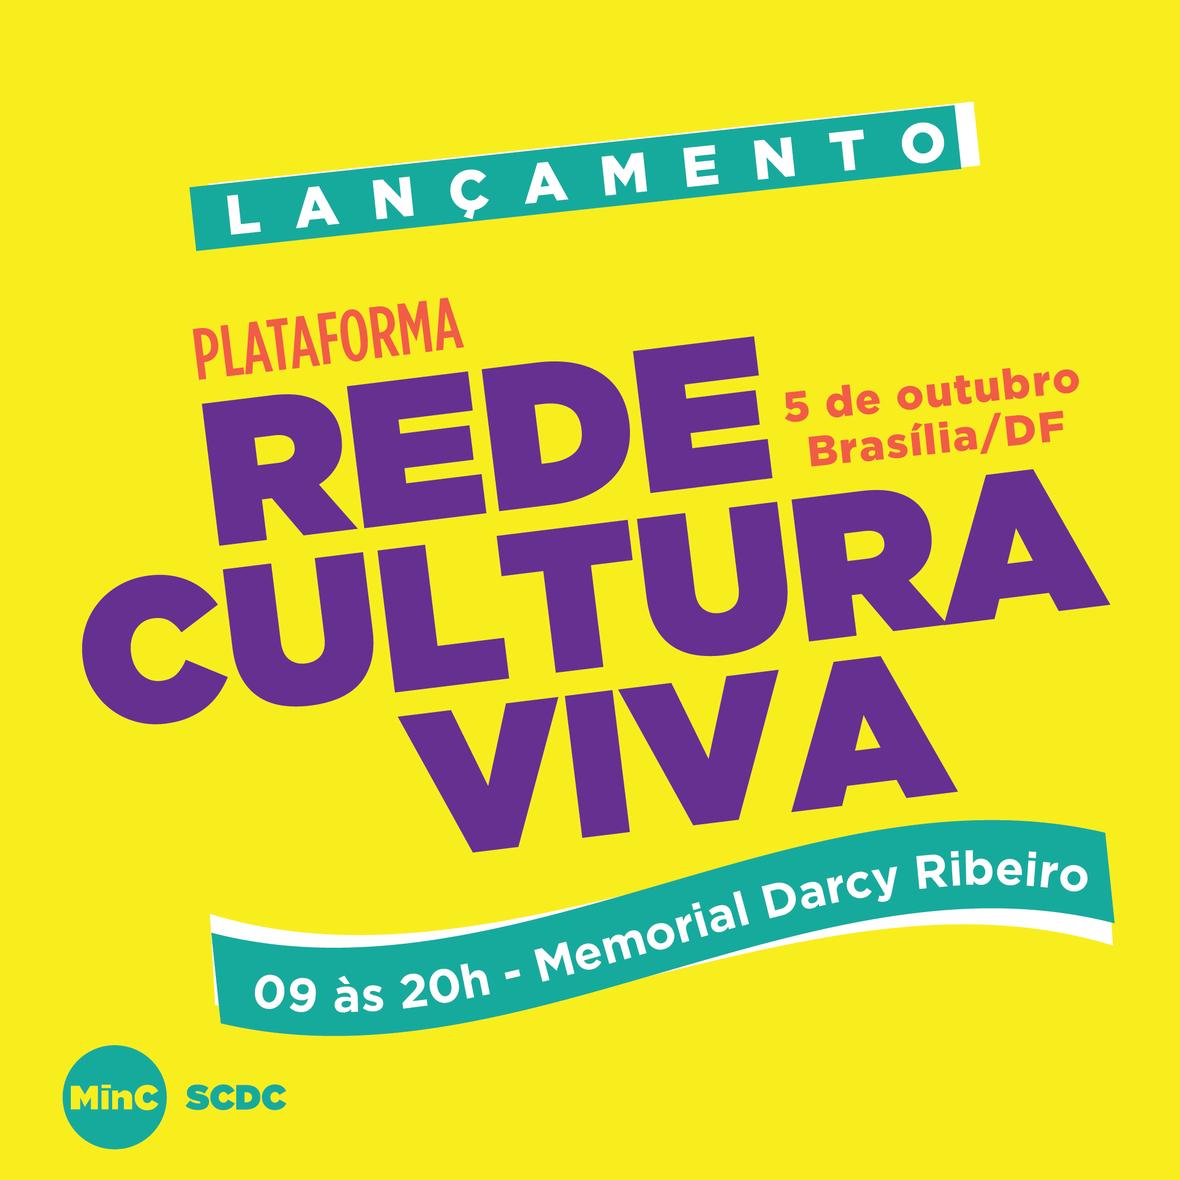 MinC SCDC Rede Cultura Viva Plataforma v03 MEME lancamento 04